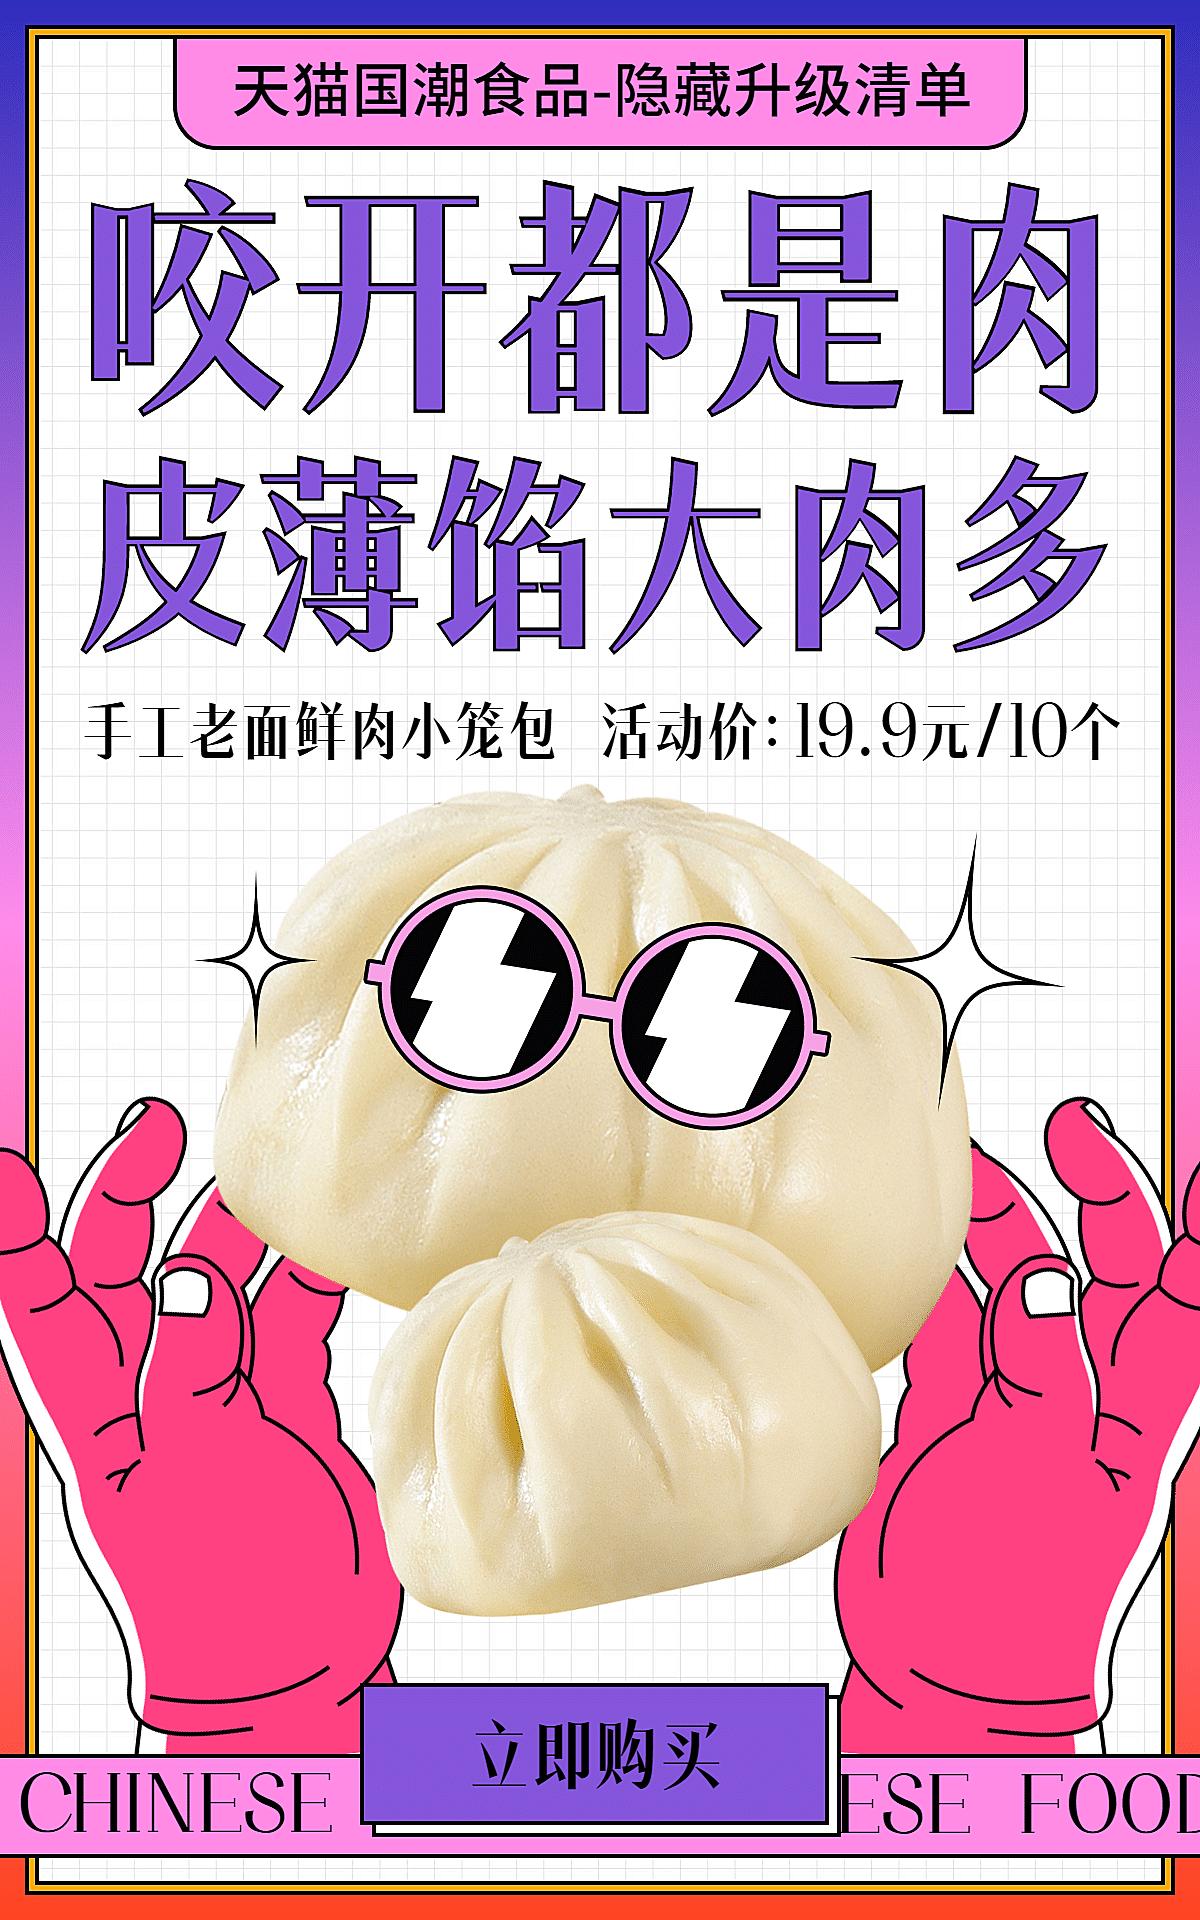 手绘创意国货食品生鲜海报